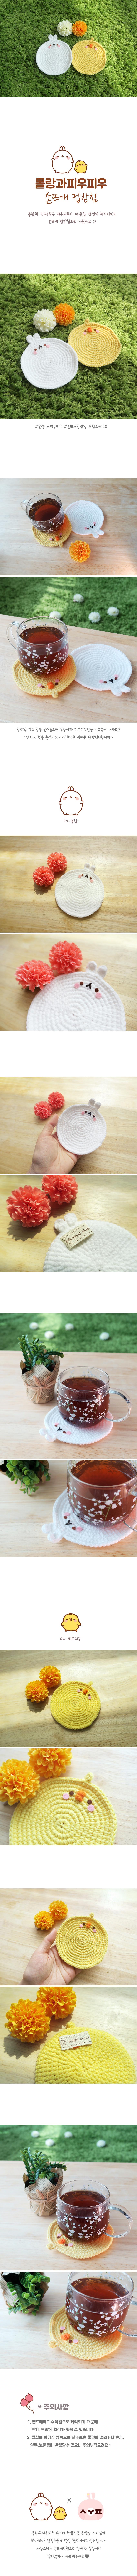 손뜨개 컵받침 - 몰랑이, 6,500원, 뜨개질, 기타 패키지